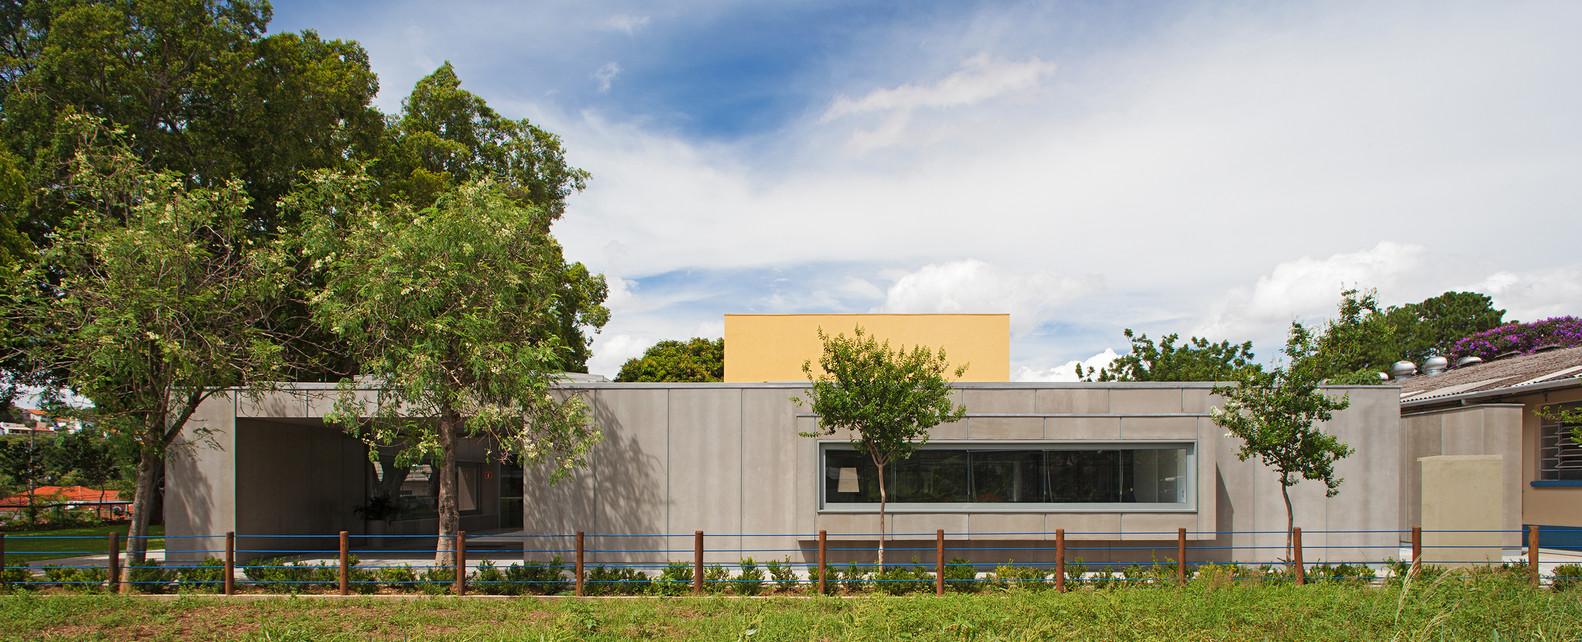 Viroc - Ana Rosa Institute.jpg